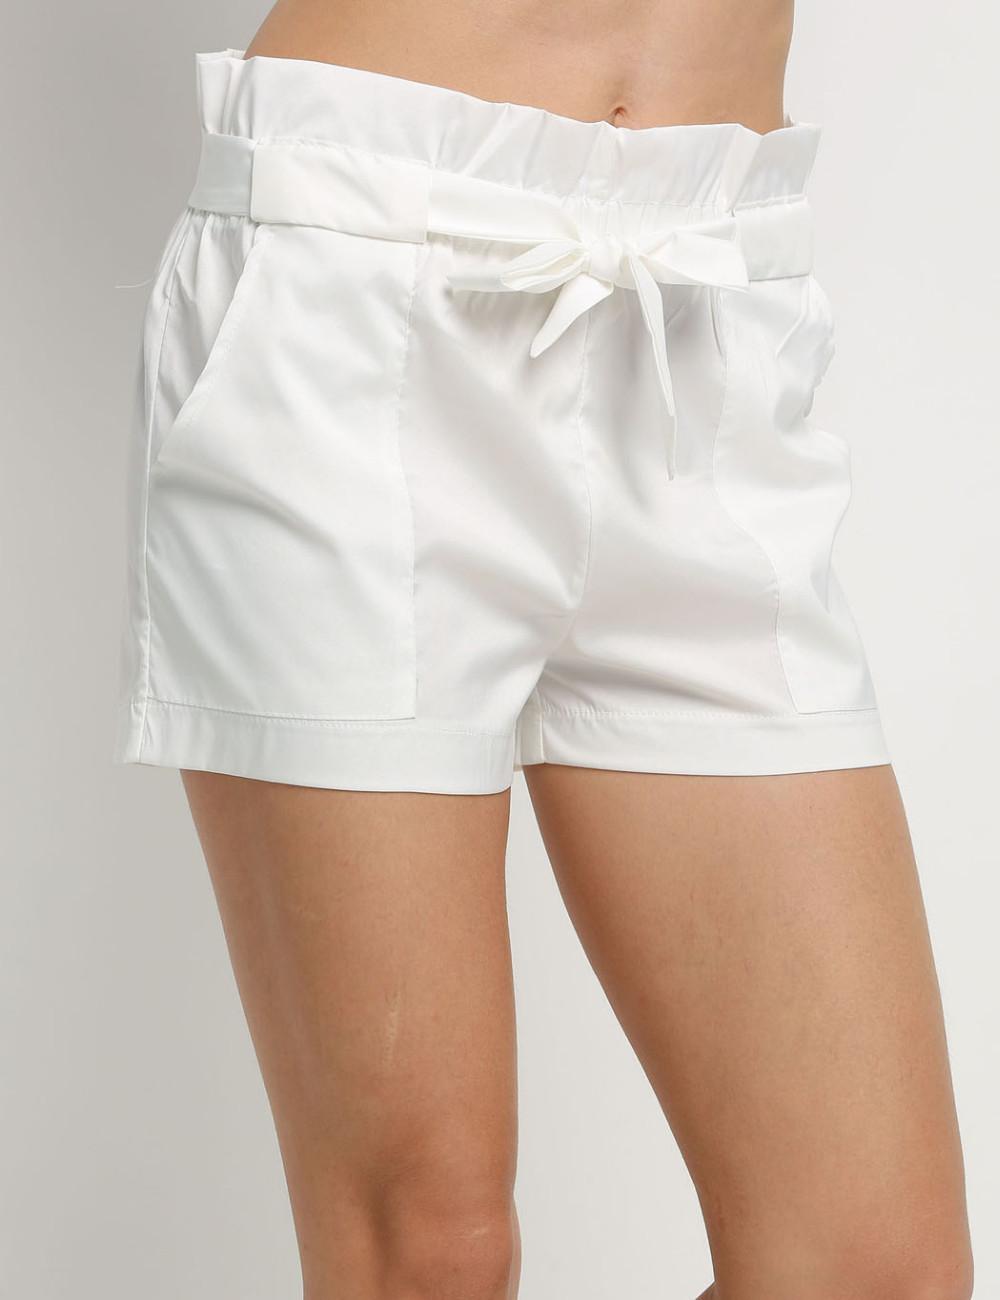 high waist shorts women (12)